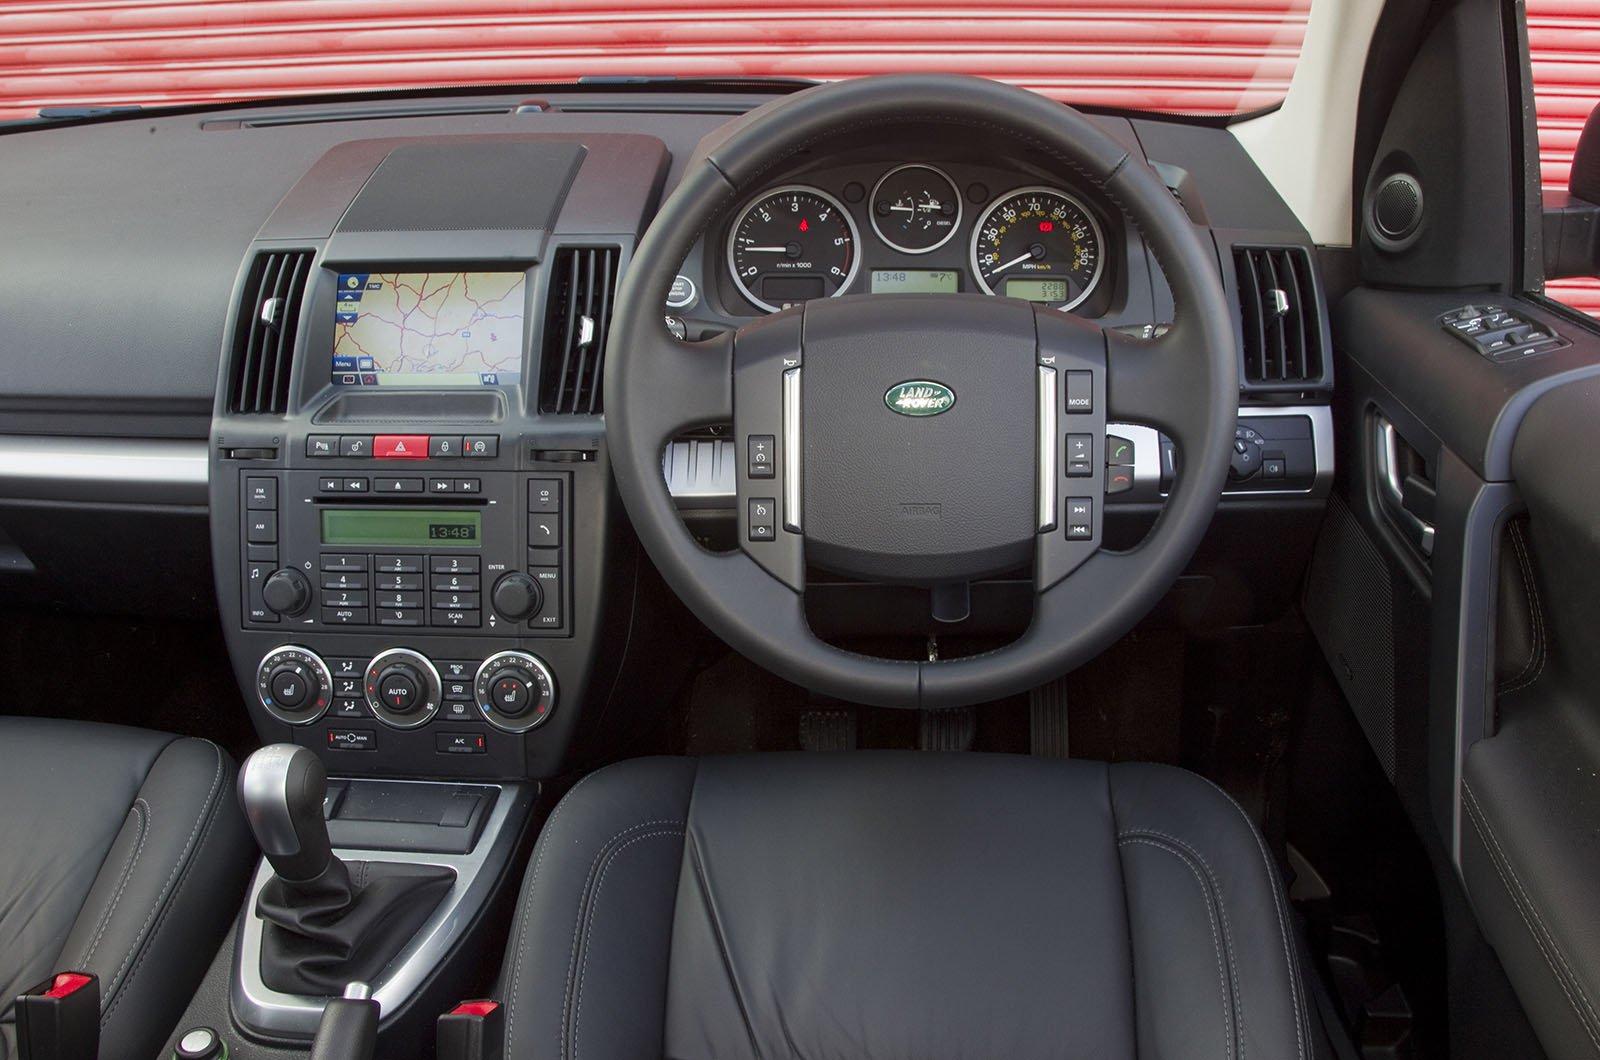 Land Rover Freelander - interior